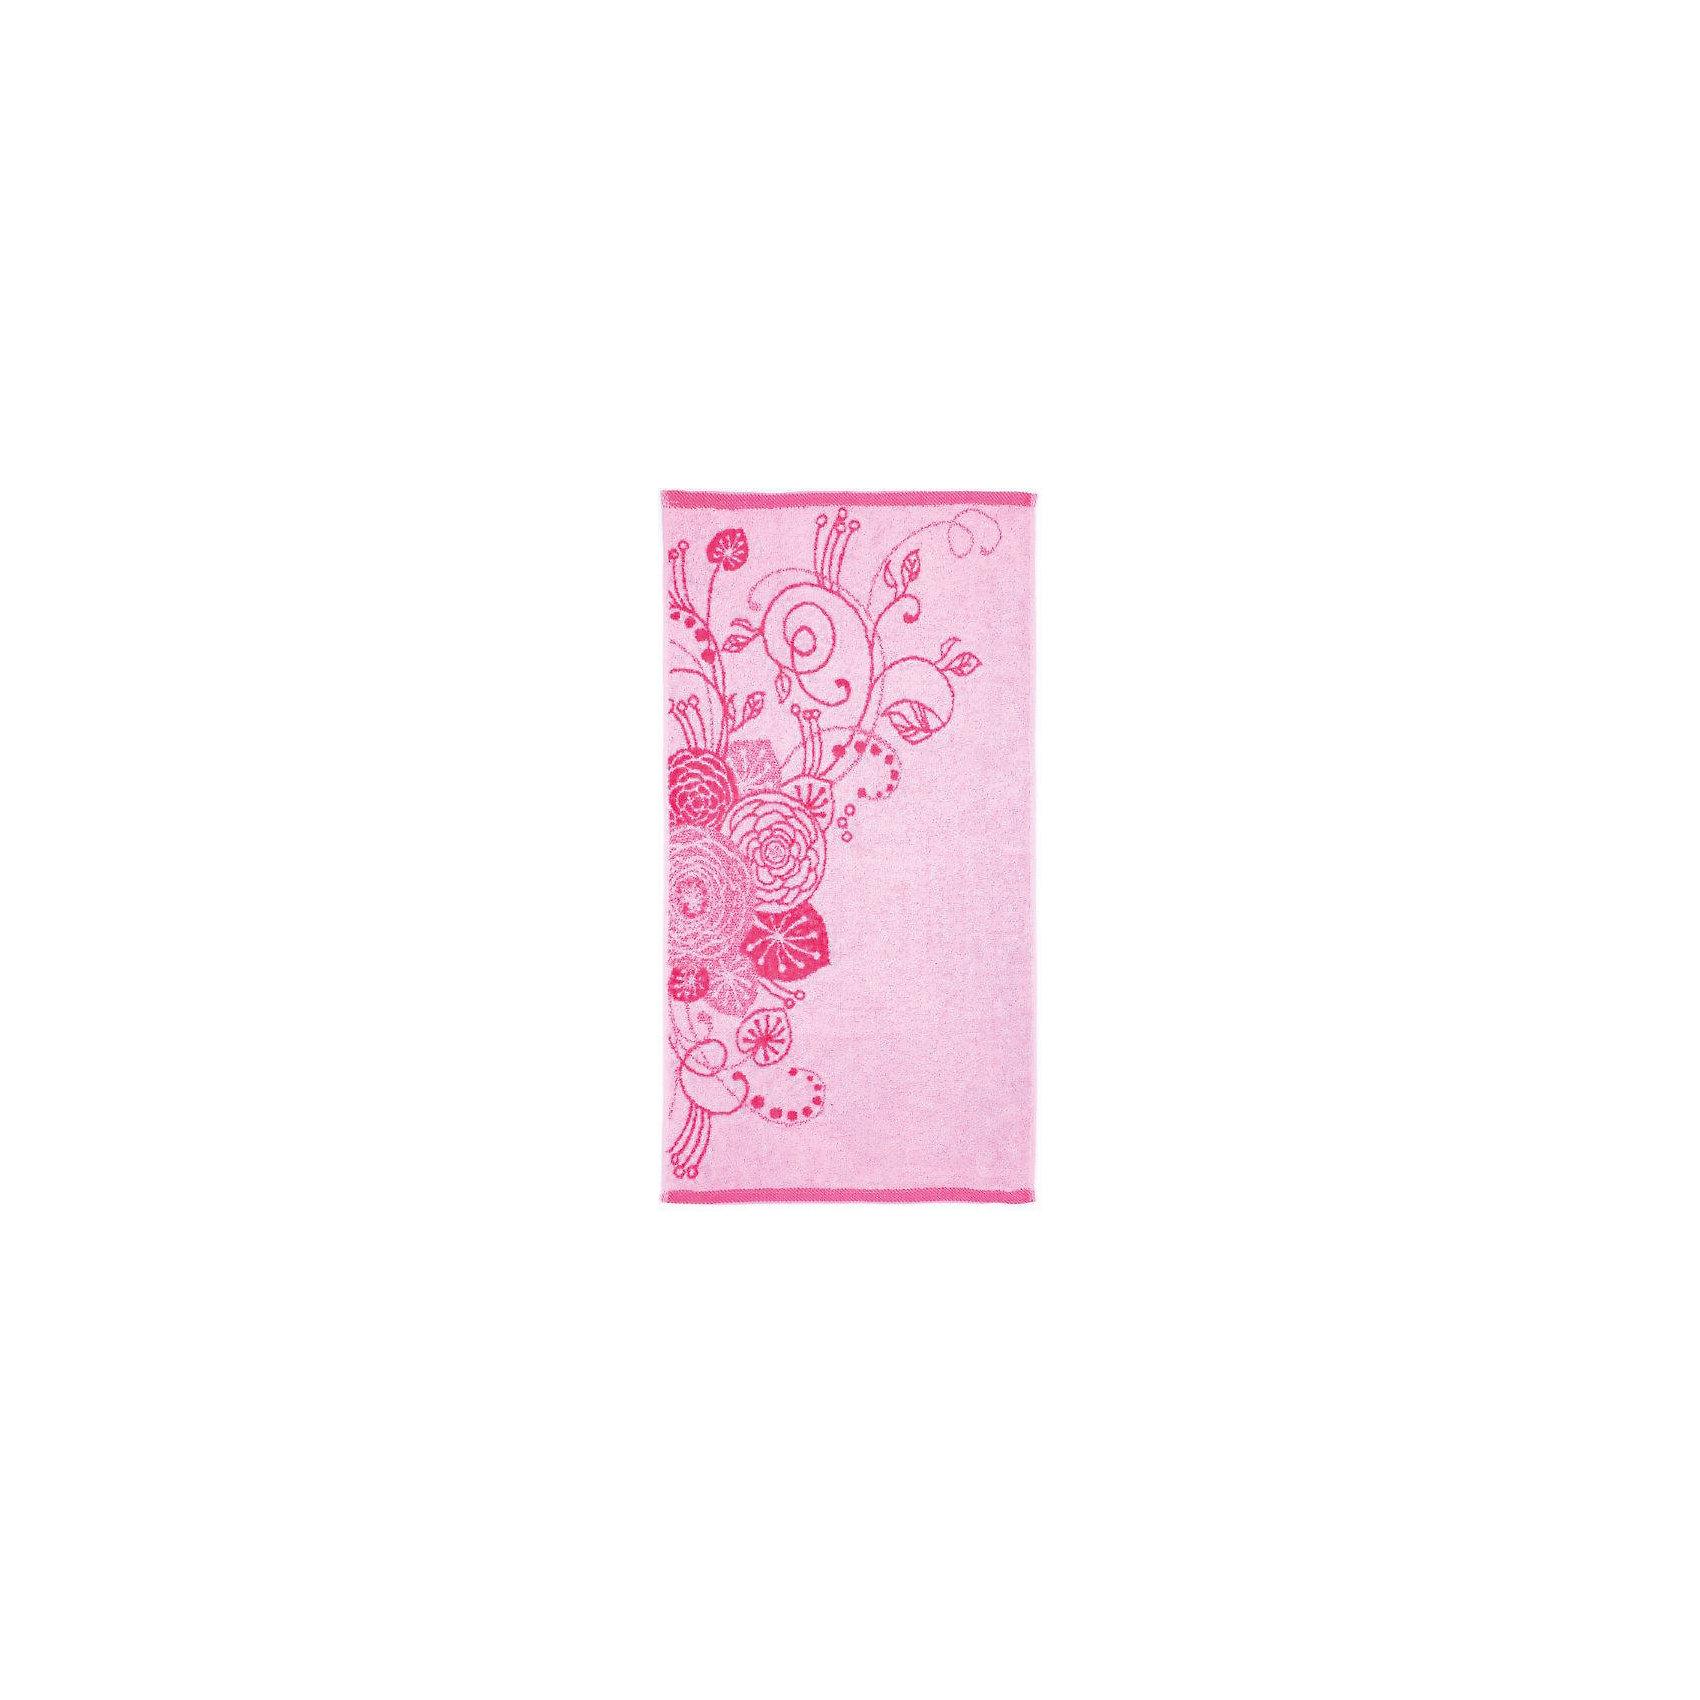 Полотенце махровое Лютики 50*90, Любимый дом, розовыйДомашний текстиль<br>Лютики - мягкое махровое полотенце. Оно выполнено из качественного хлопка. Безопасные и стойкие красители, использованные при изготовлении, позволят полотенцу не потерять цвет даже после множества стирок. Полотенце украшено вышивкой в виде цветов. Отлично впитывает влагу и непременно добавит уют вашей ванной комнате.<br><br>Дополнительная информация:<br>Материал: 100% хлопок<br>Размер: 50х90 см<br>Цвет: розовый<br>Торговая марка: Любимый дом<br><br>Махровое полотенце Лютики можно приобрести в нашем интернет-магазине.<br><br>Ширина мм: 500<br>Глубина мм: 500<br>Высота мм: 200<br>Вес г: 250<br>Возраст от месяцев: 0<br>Возраст до месяцев: 144<br>Пол: Унисекс<br>Возраст: Детский<br>SKU: 5010961